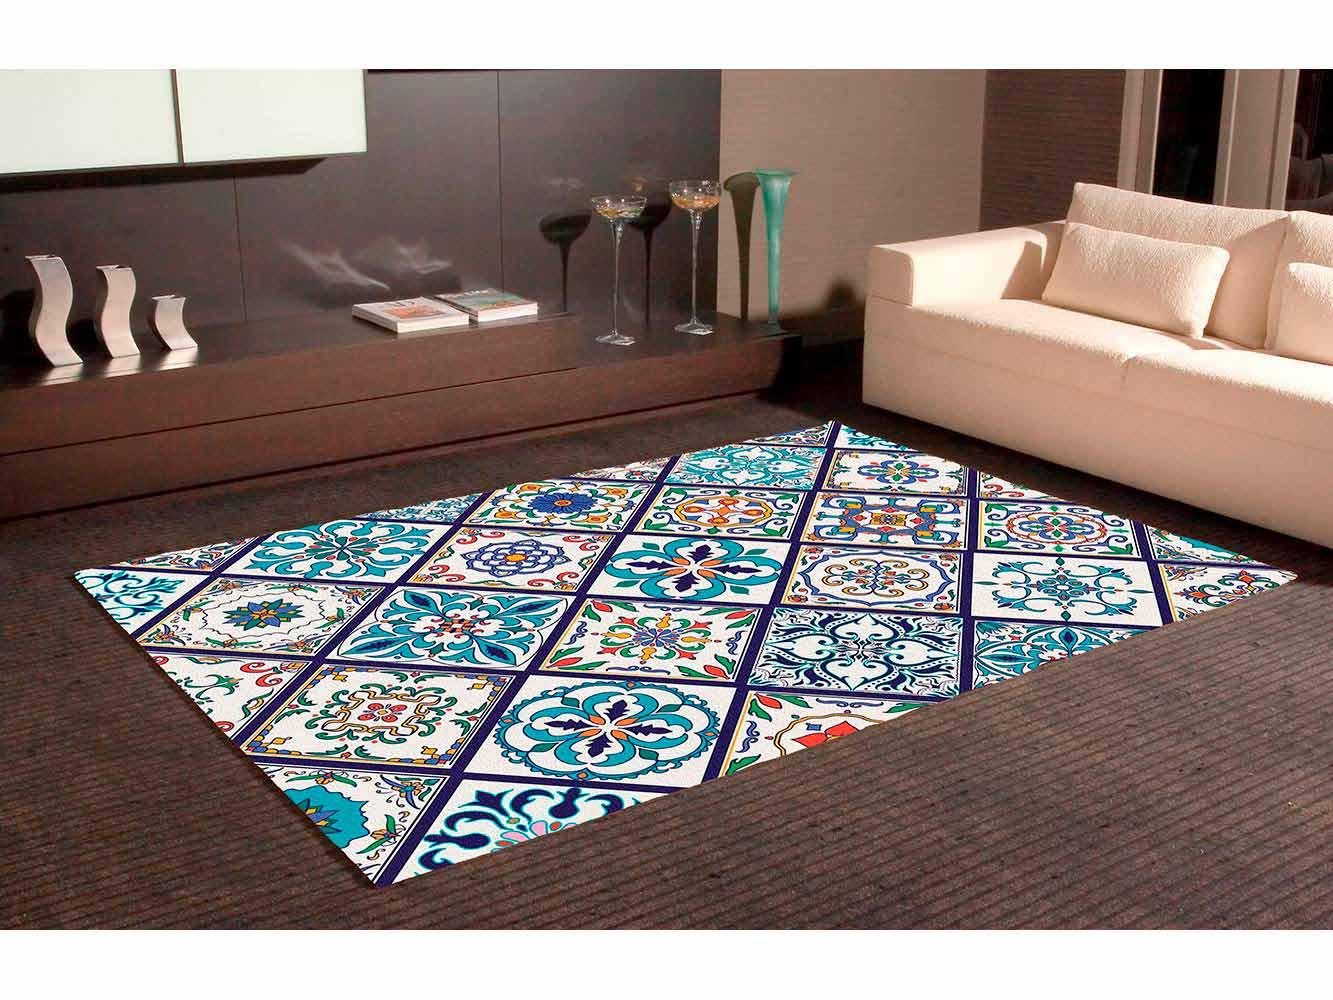 Alfombra PVC Mosaico Tipo Azulejo | Carteles XXL - Impresión carteleria publicitaria